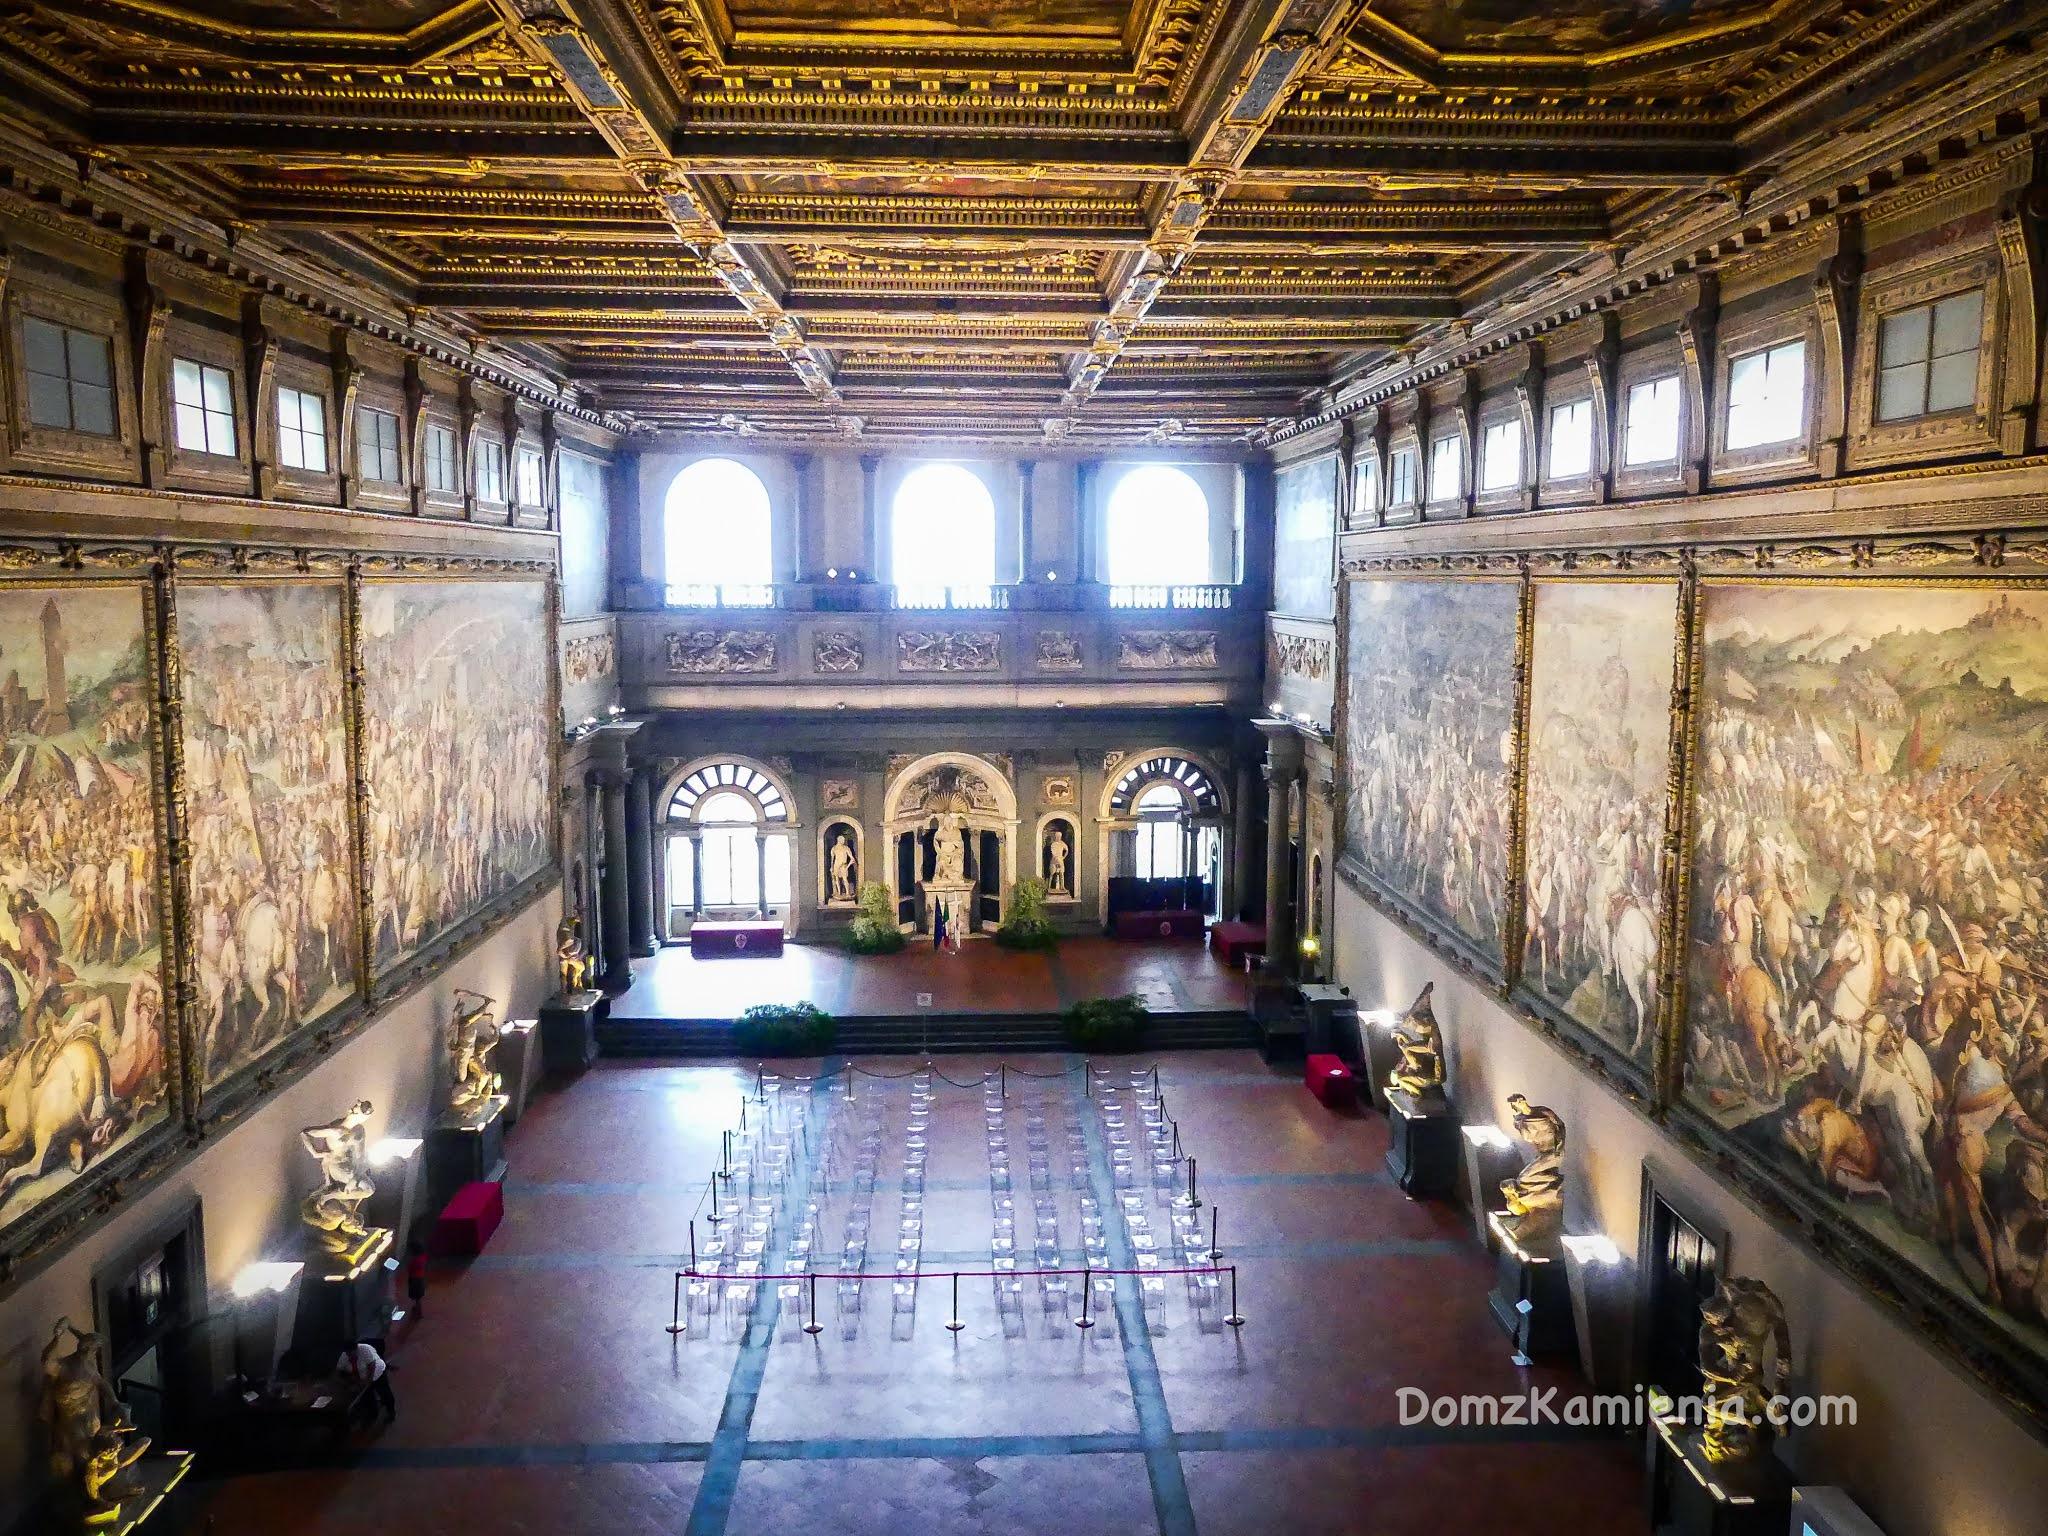 Dom z Kamienia, Sekrety Florencji